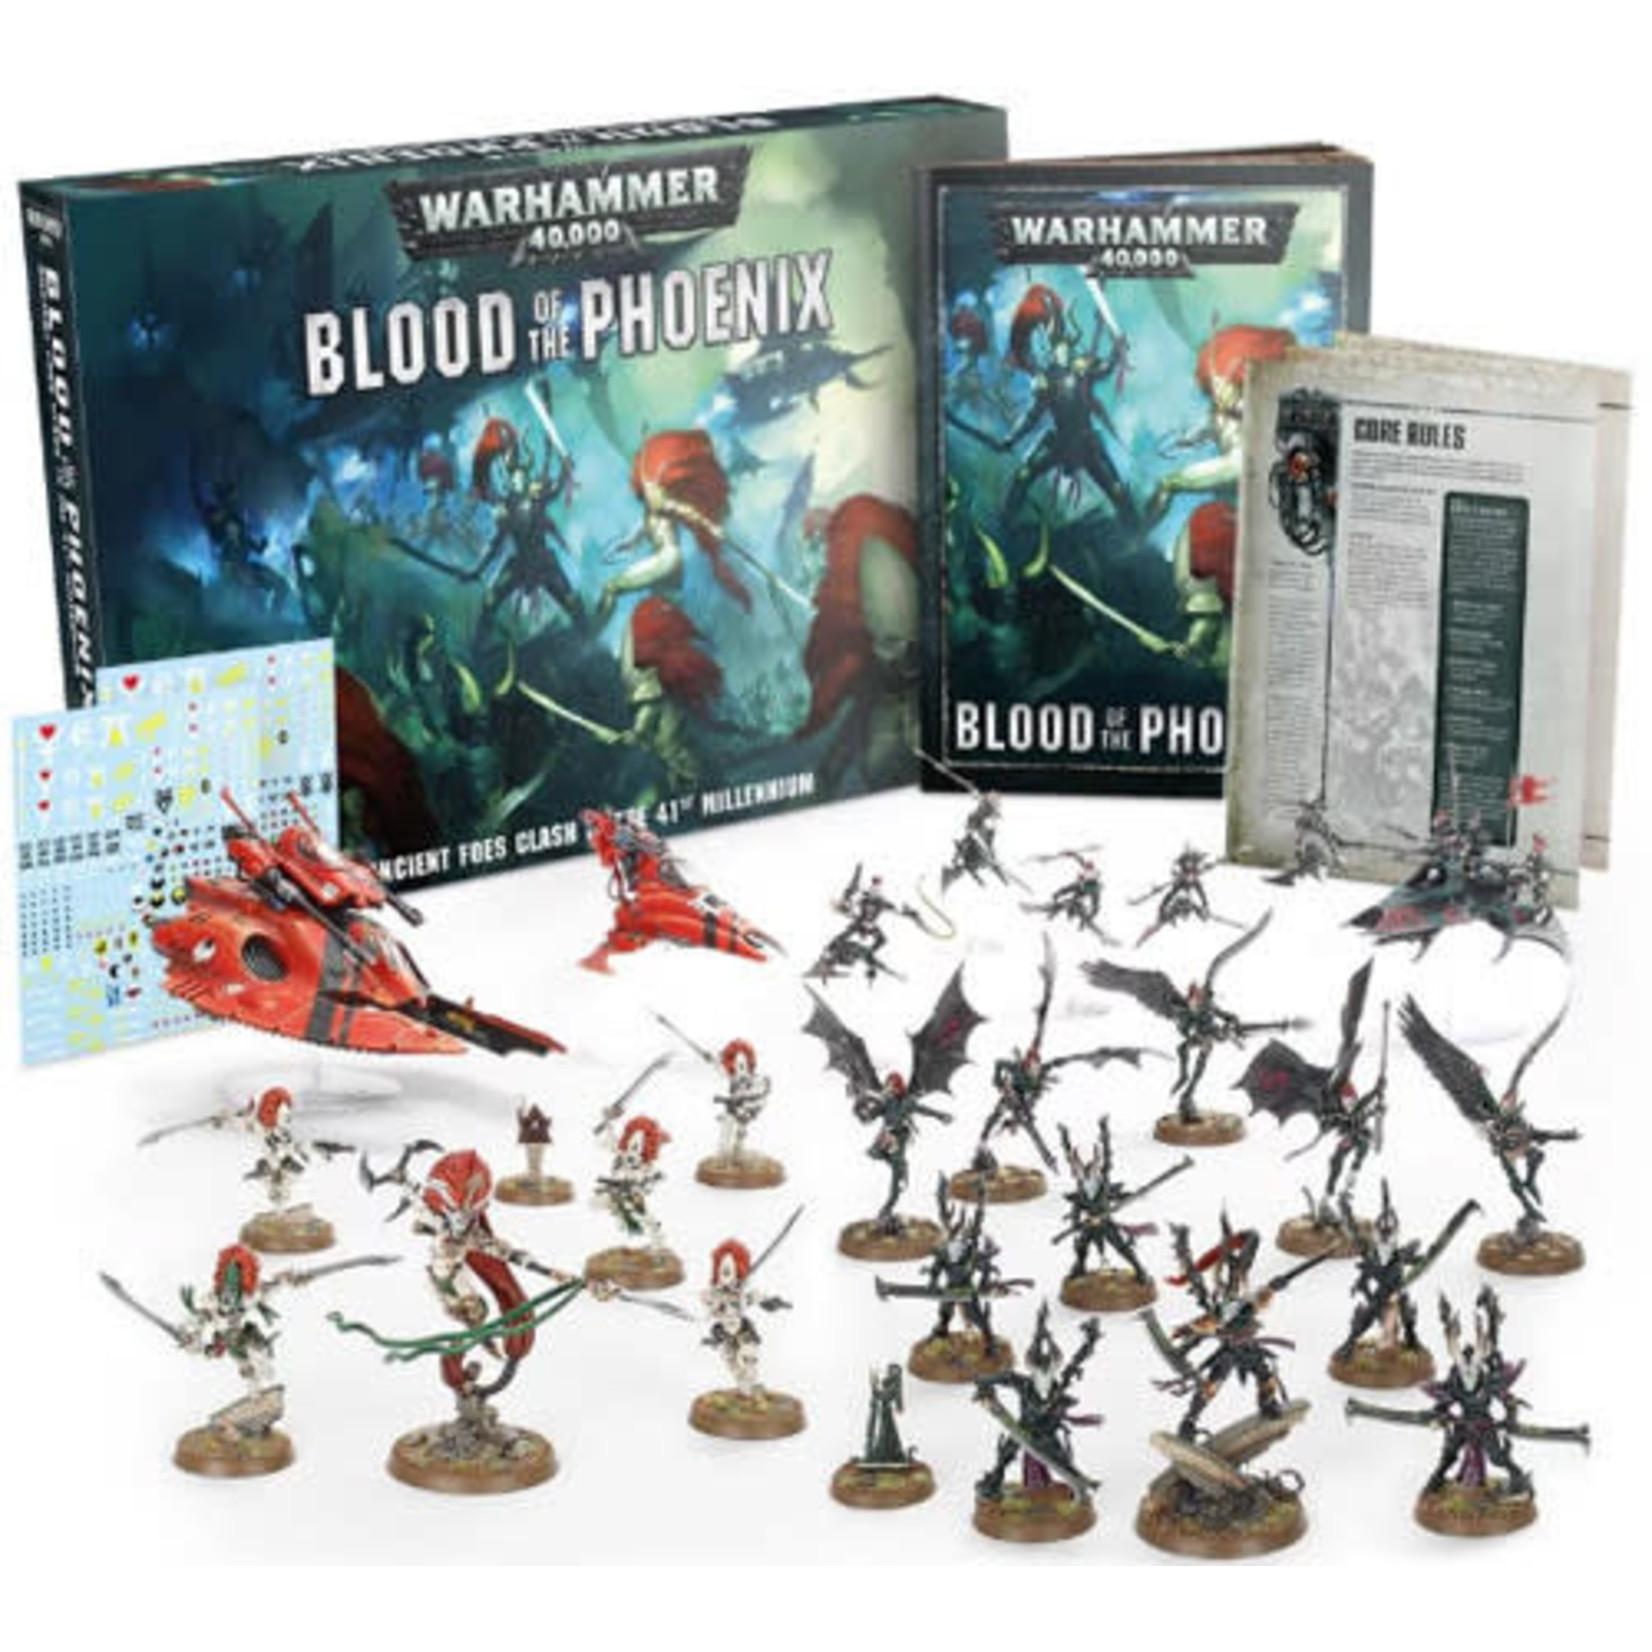 Games Workshop Warhammer 40k: Blood of the Phoenix